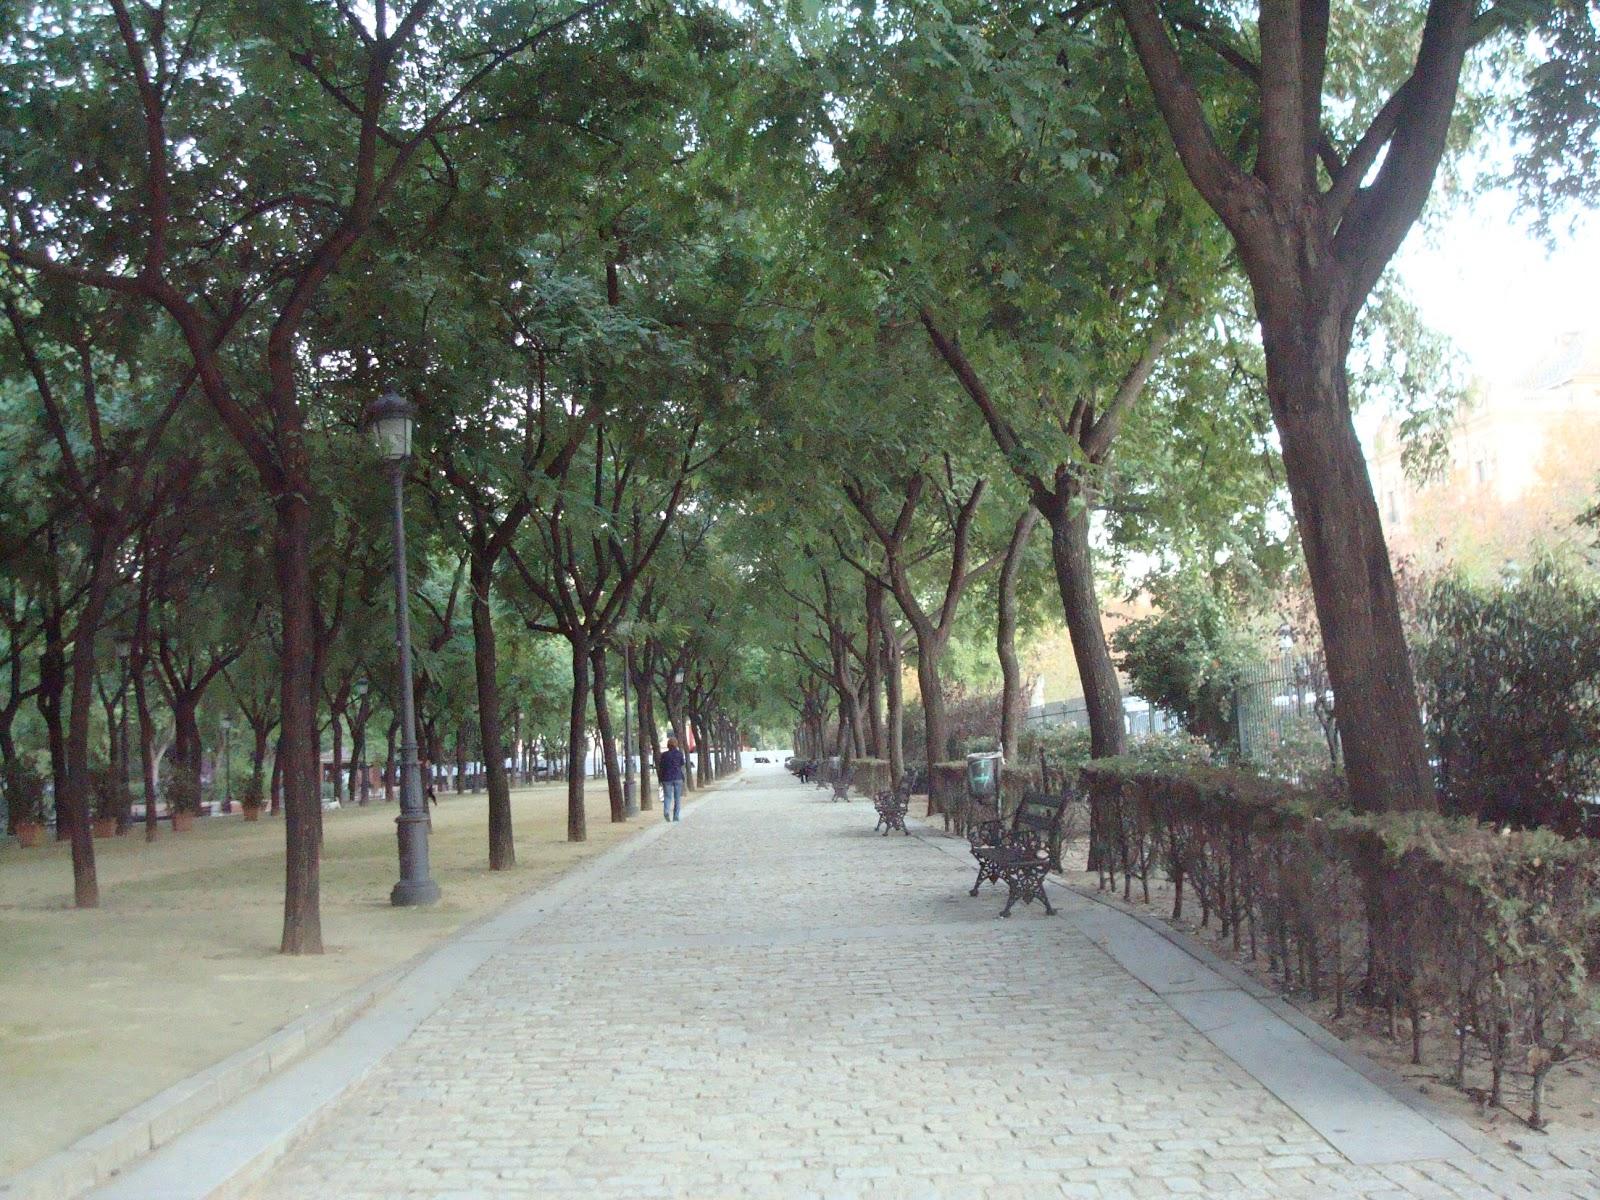 plataforma ciudadana parques y jardines sevilla octubre 2012